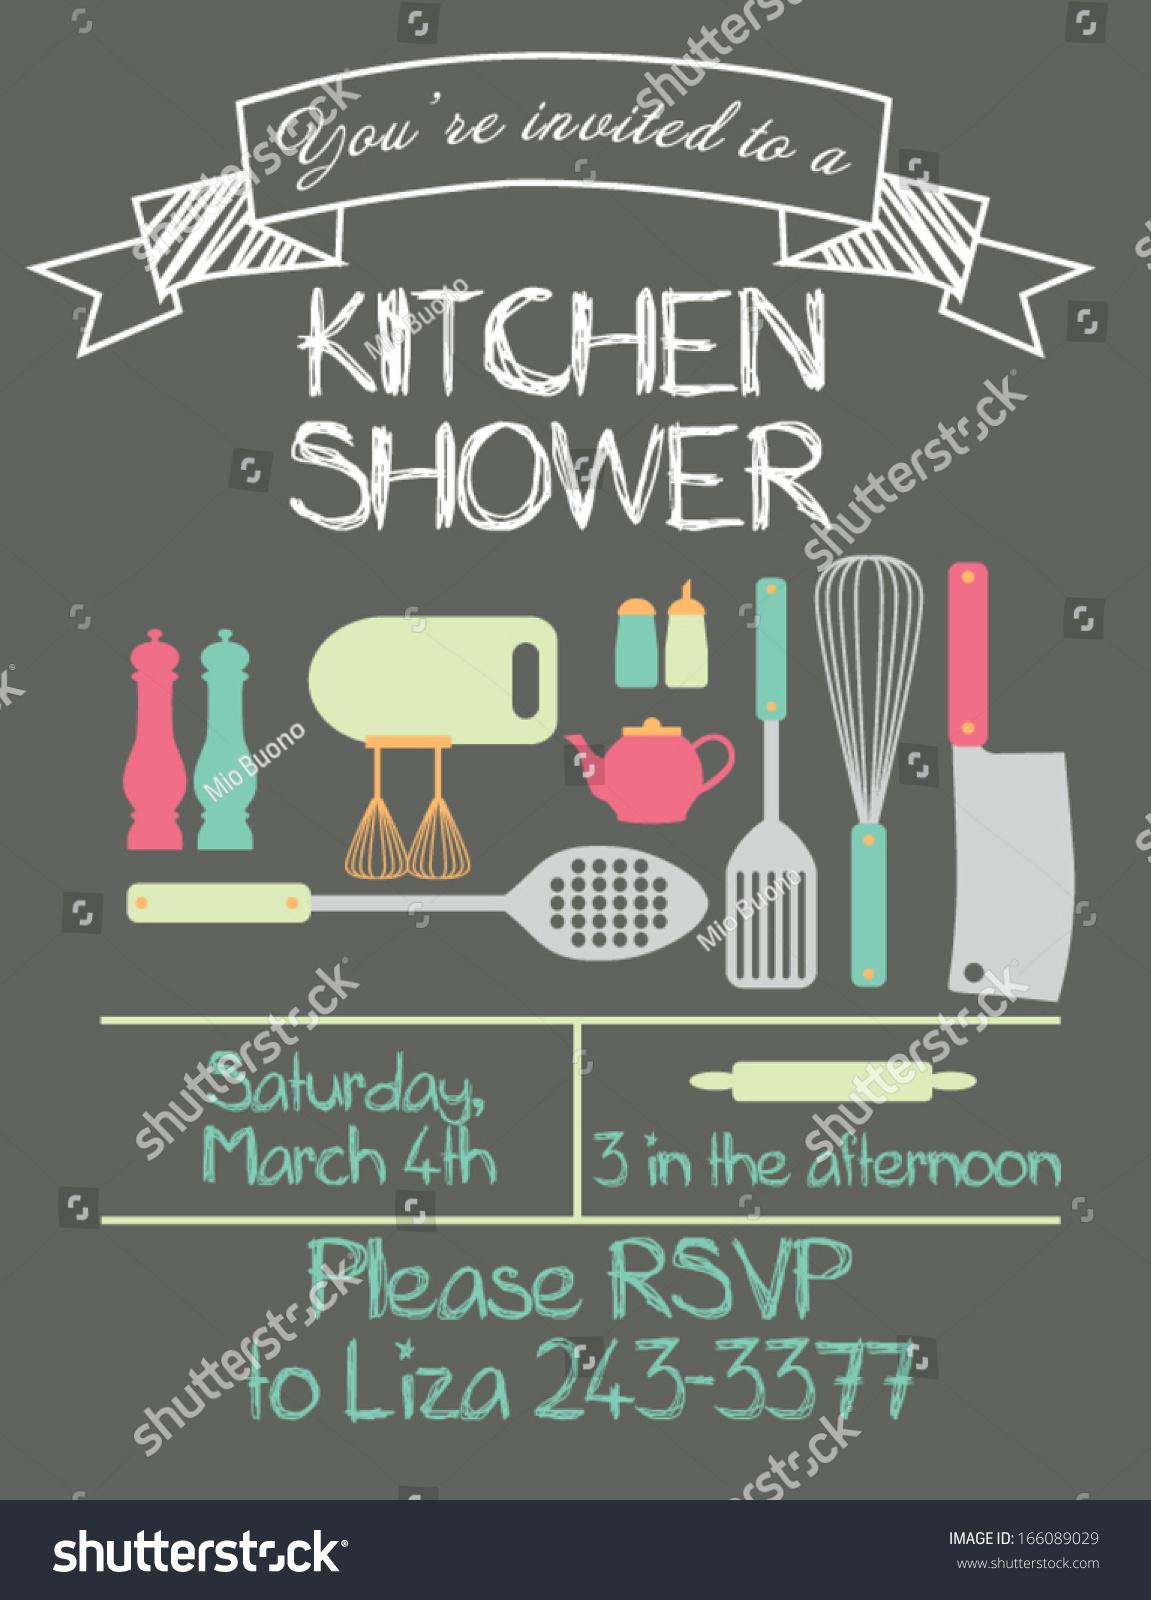 Kitchen Shower Kitchen Shower Stock Vector 166089029 Shutterstock